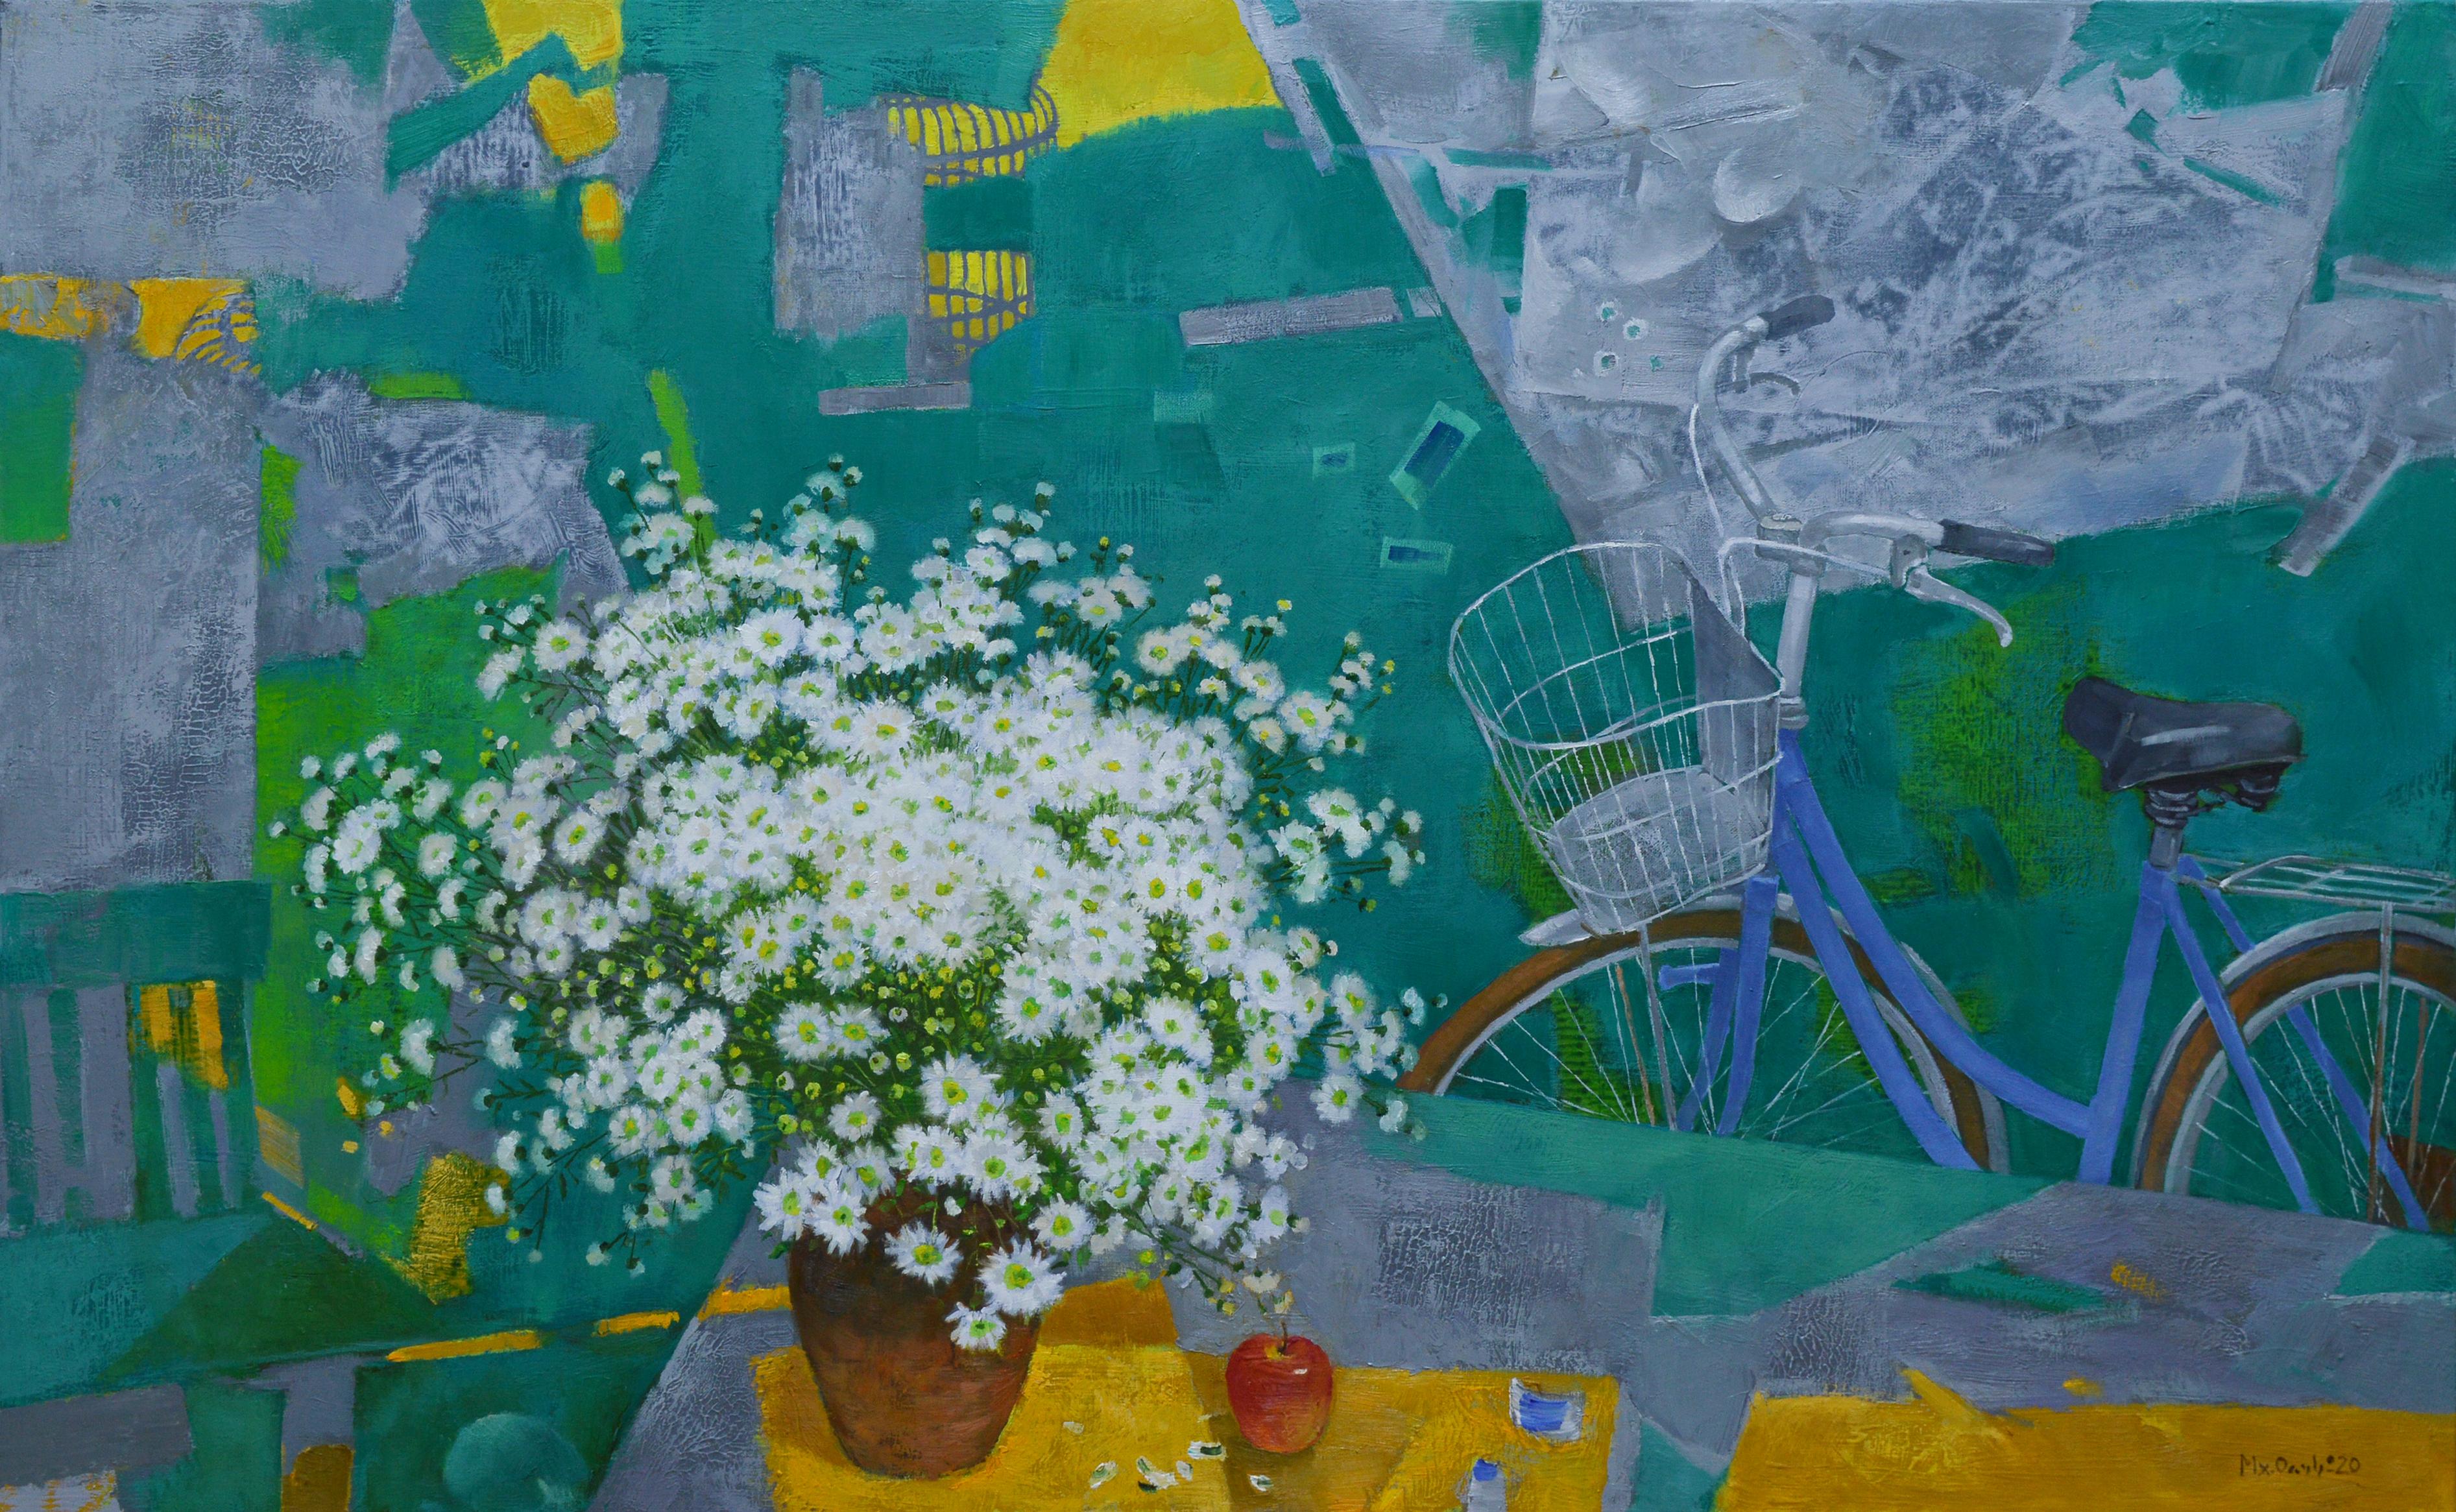 White Daisy and the Old Corner | Hoa Cúc Trắng và Góc Xưa